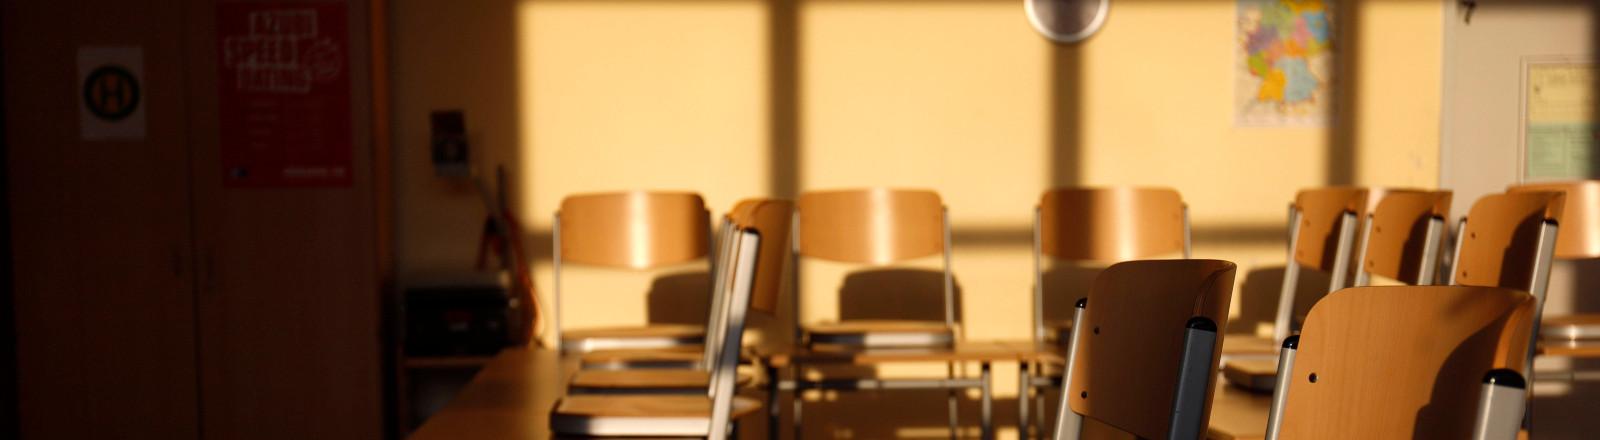 Hochgestellte Stühle in einem leeren Klassenzimmer